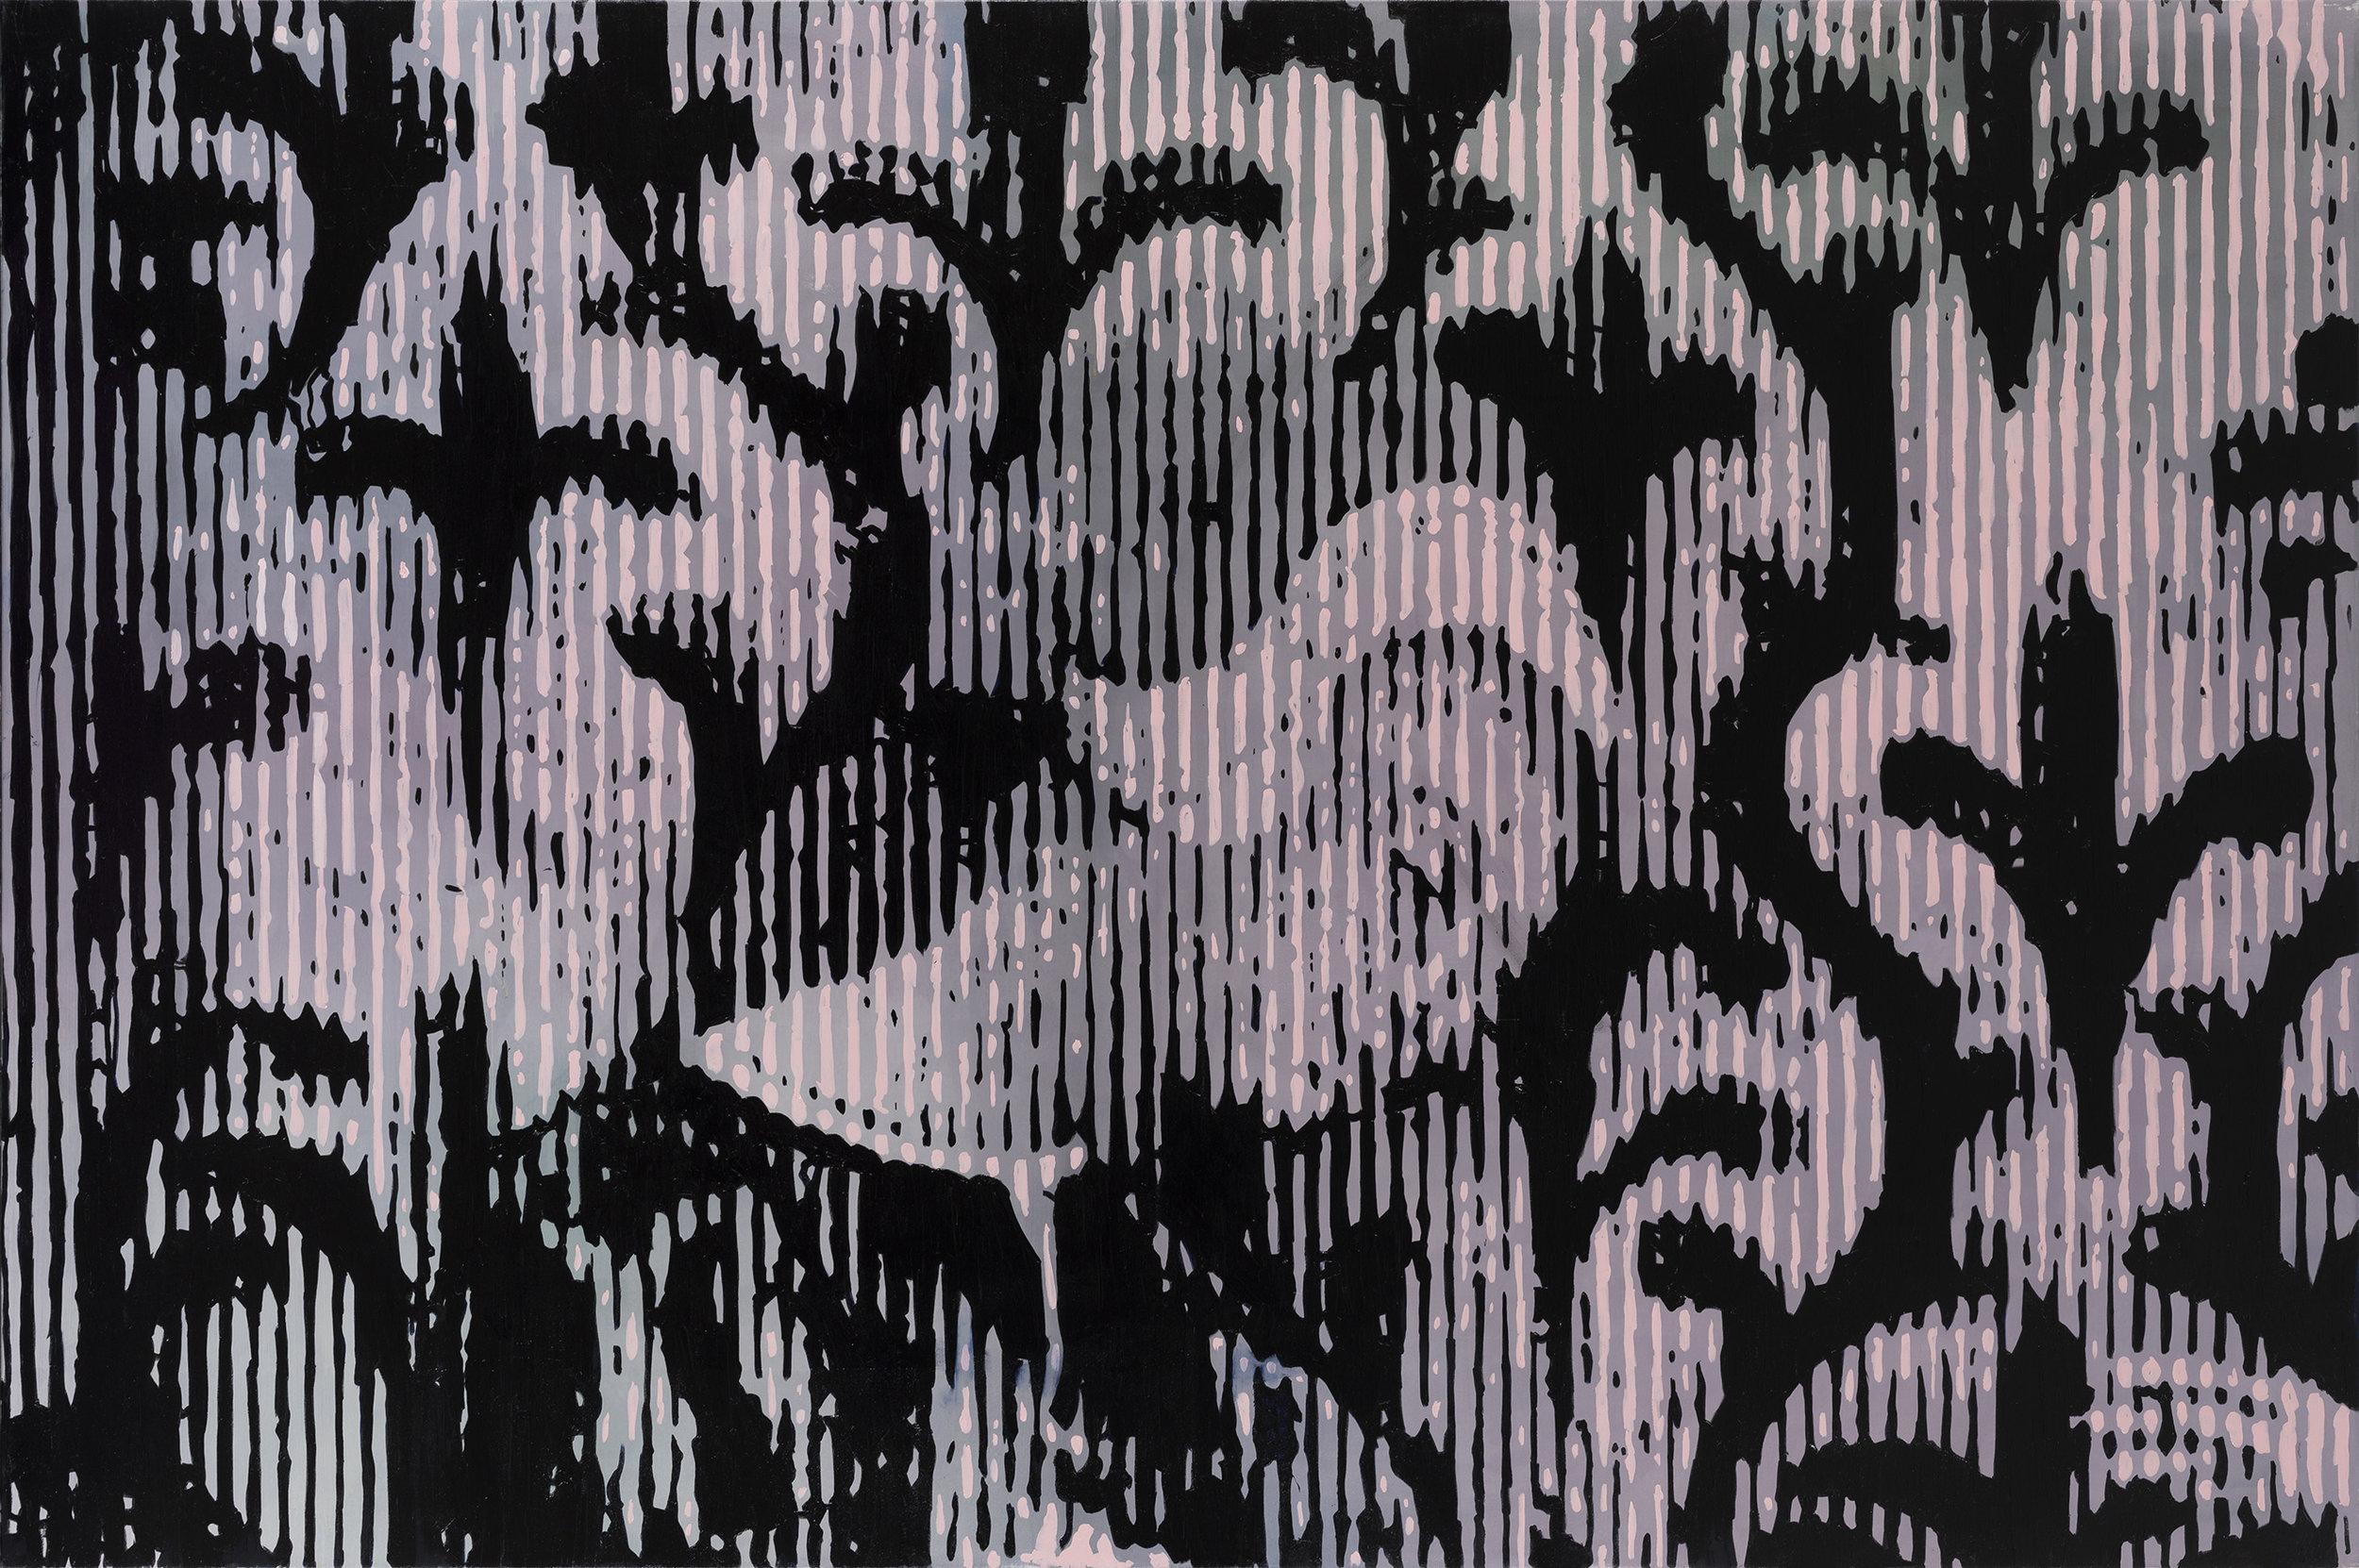 Oren Eliav, Lucretia, Oil on canvas